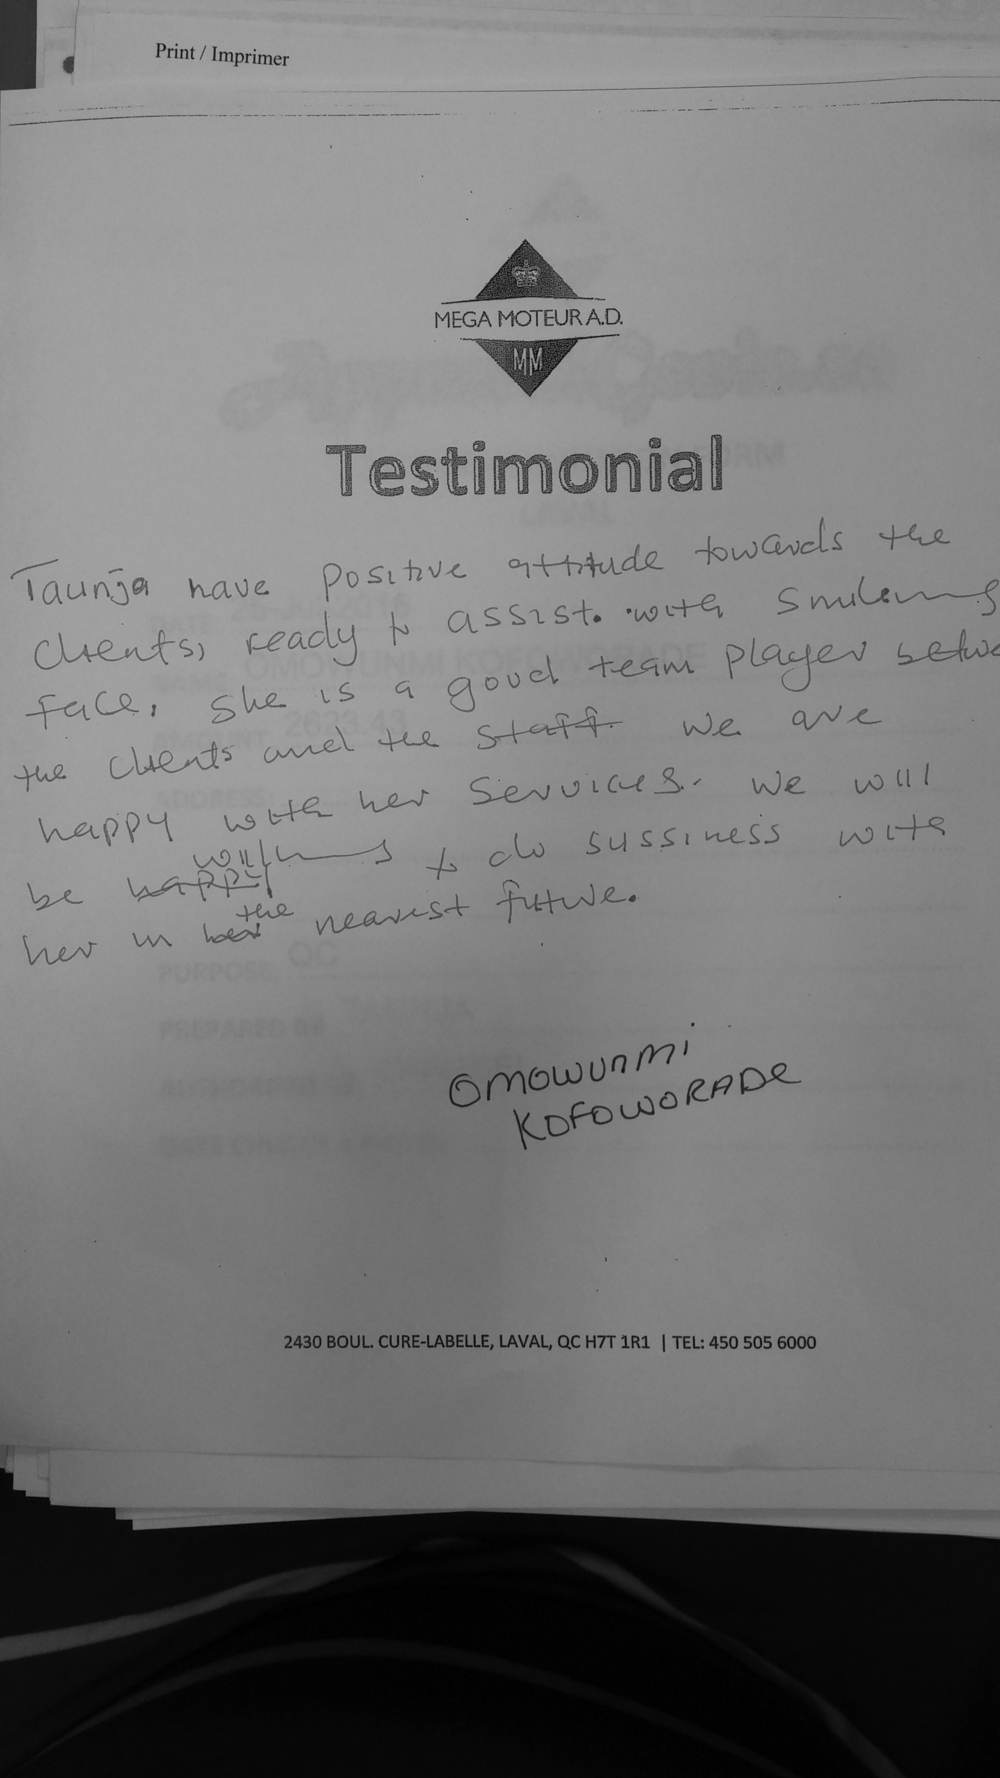 KOFOWORADE_Testimonial.jpg